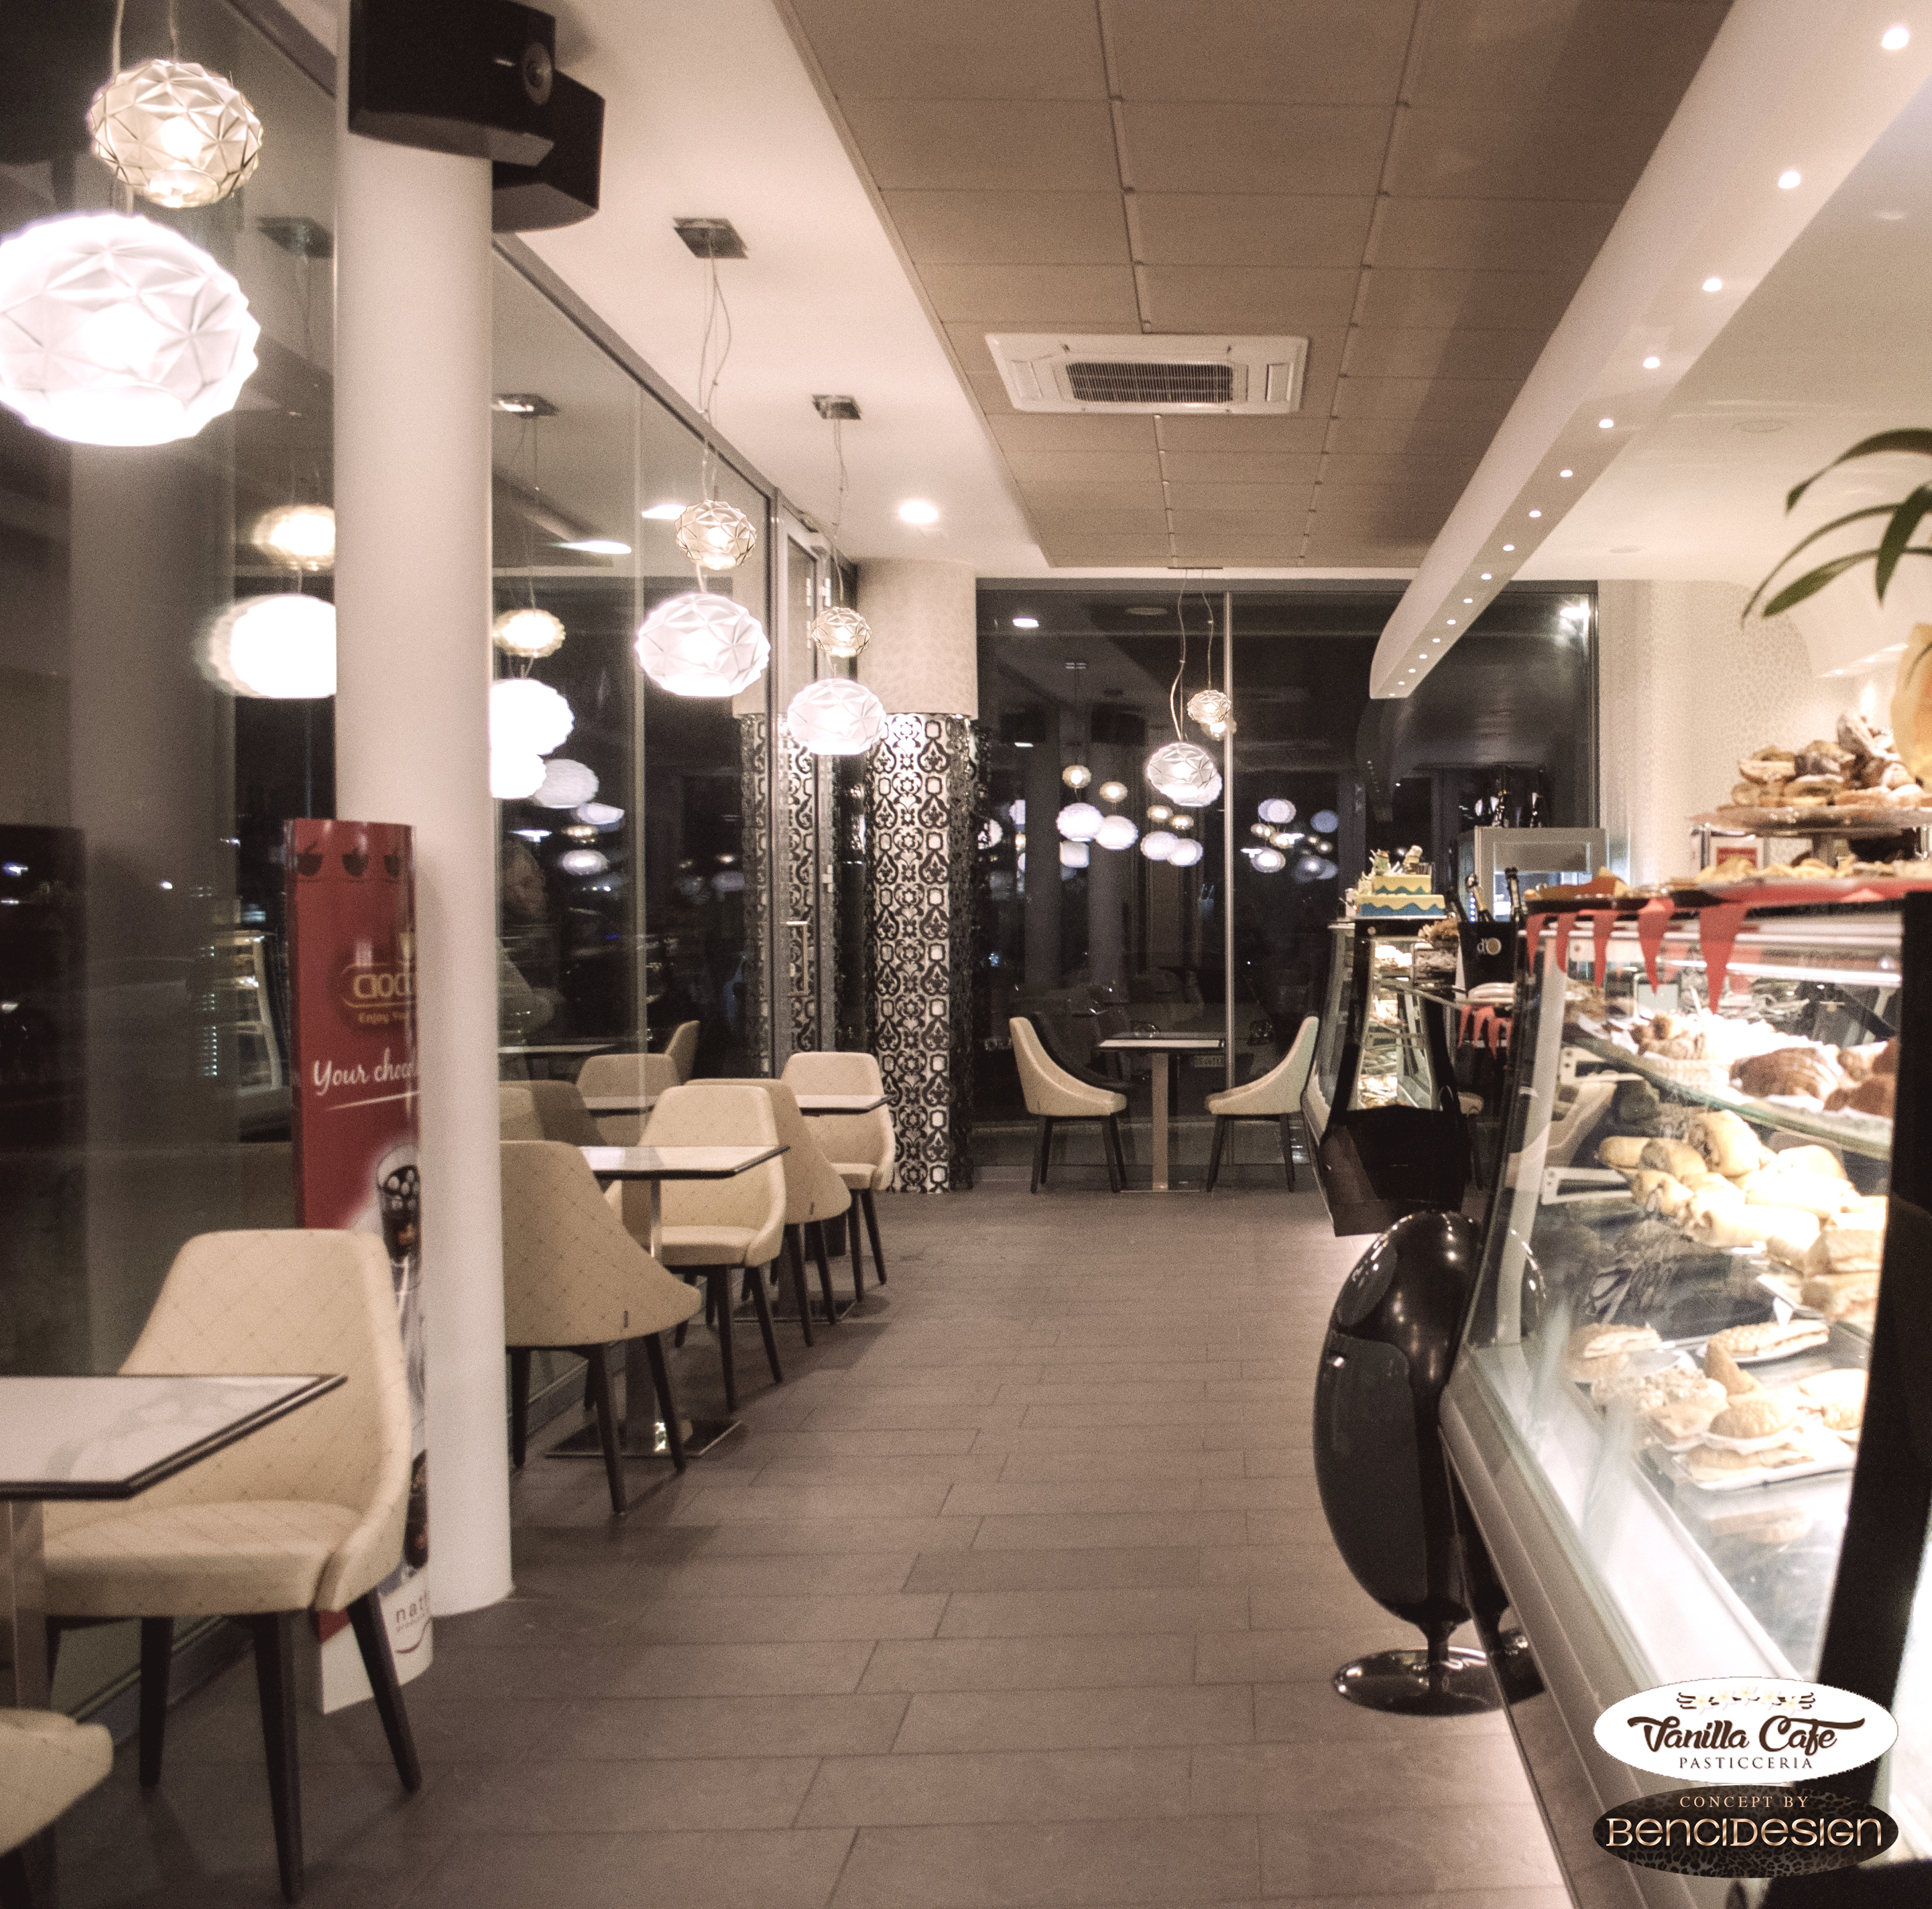 VANILLA CAFFE